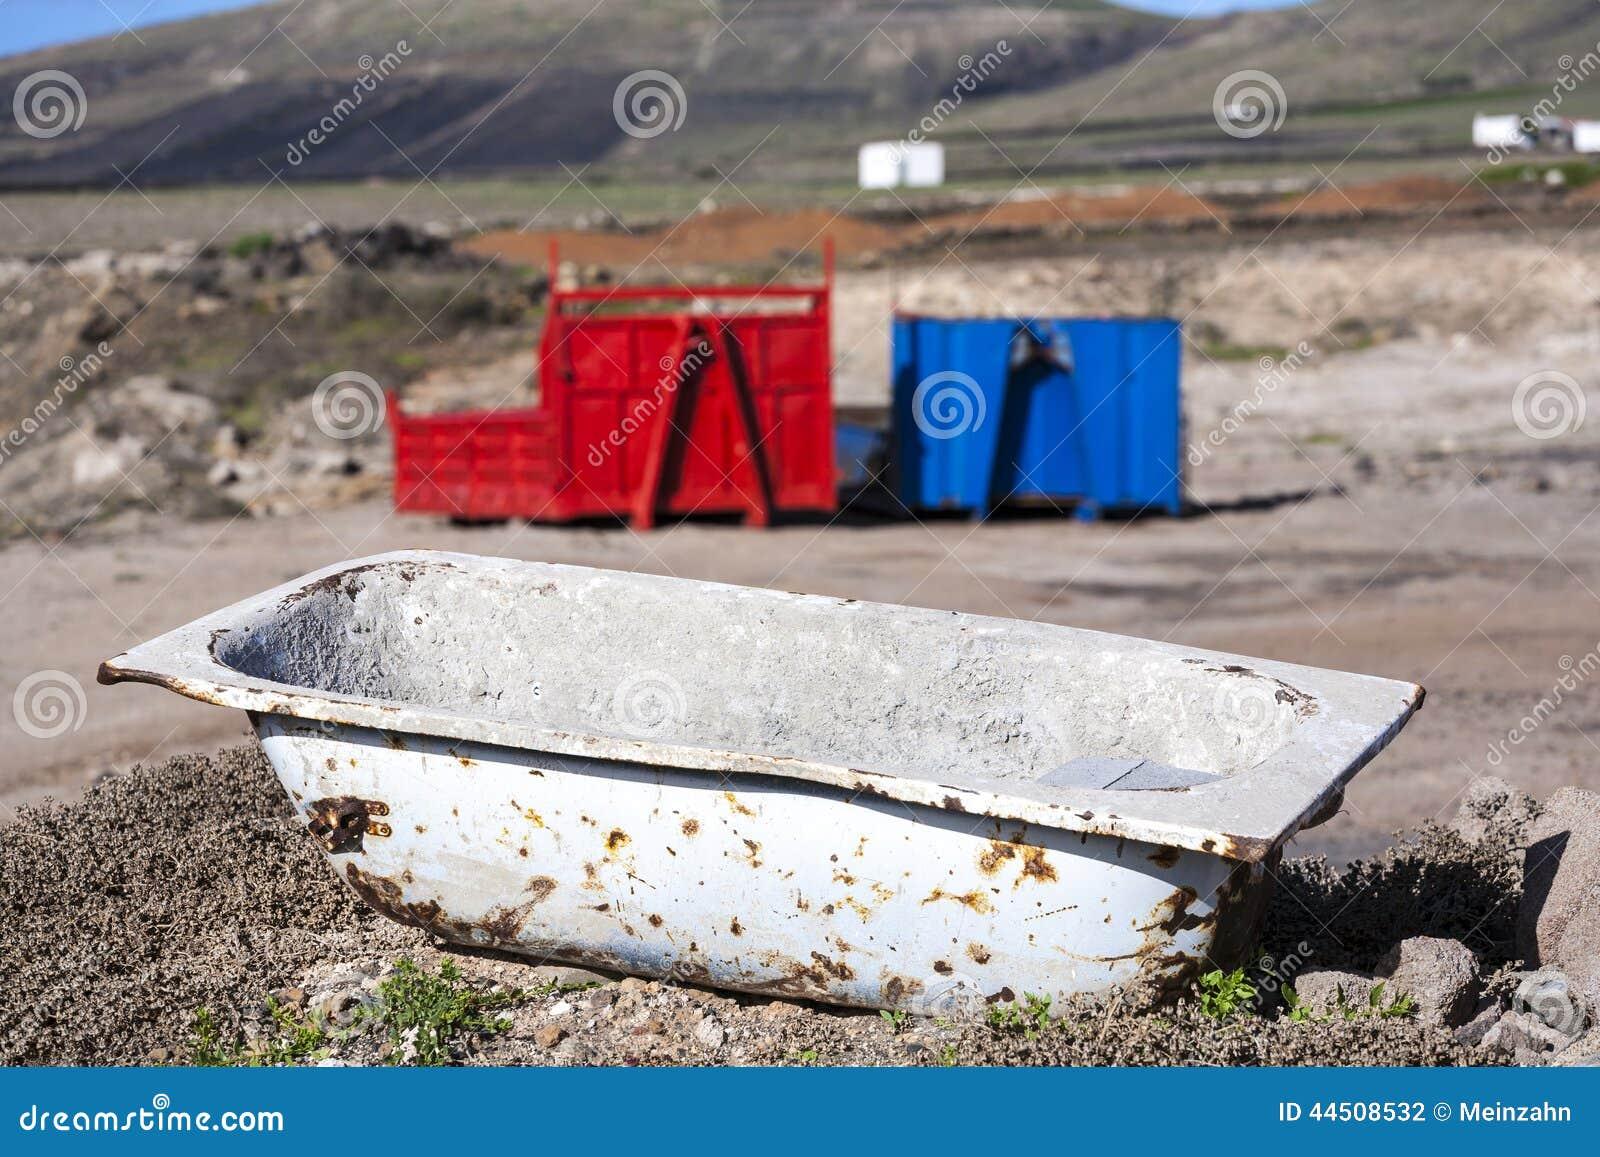 Vasca Da Bagno Arrugginita : Due contenitori e una vasca da bagno arrugginita nel paesaggio